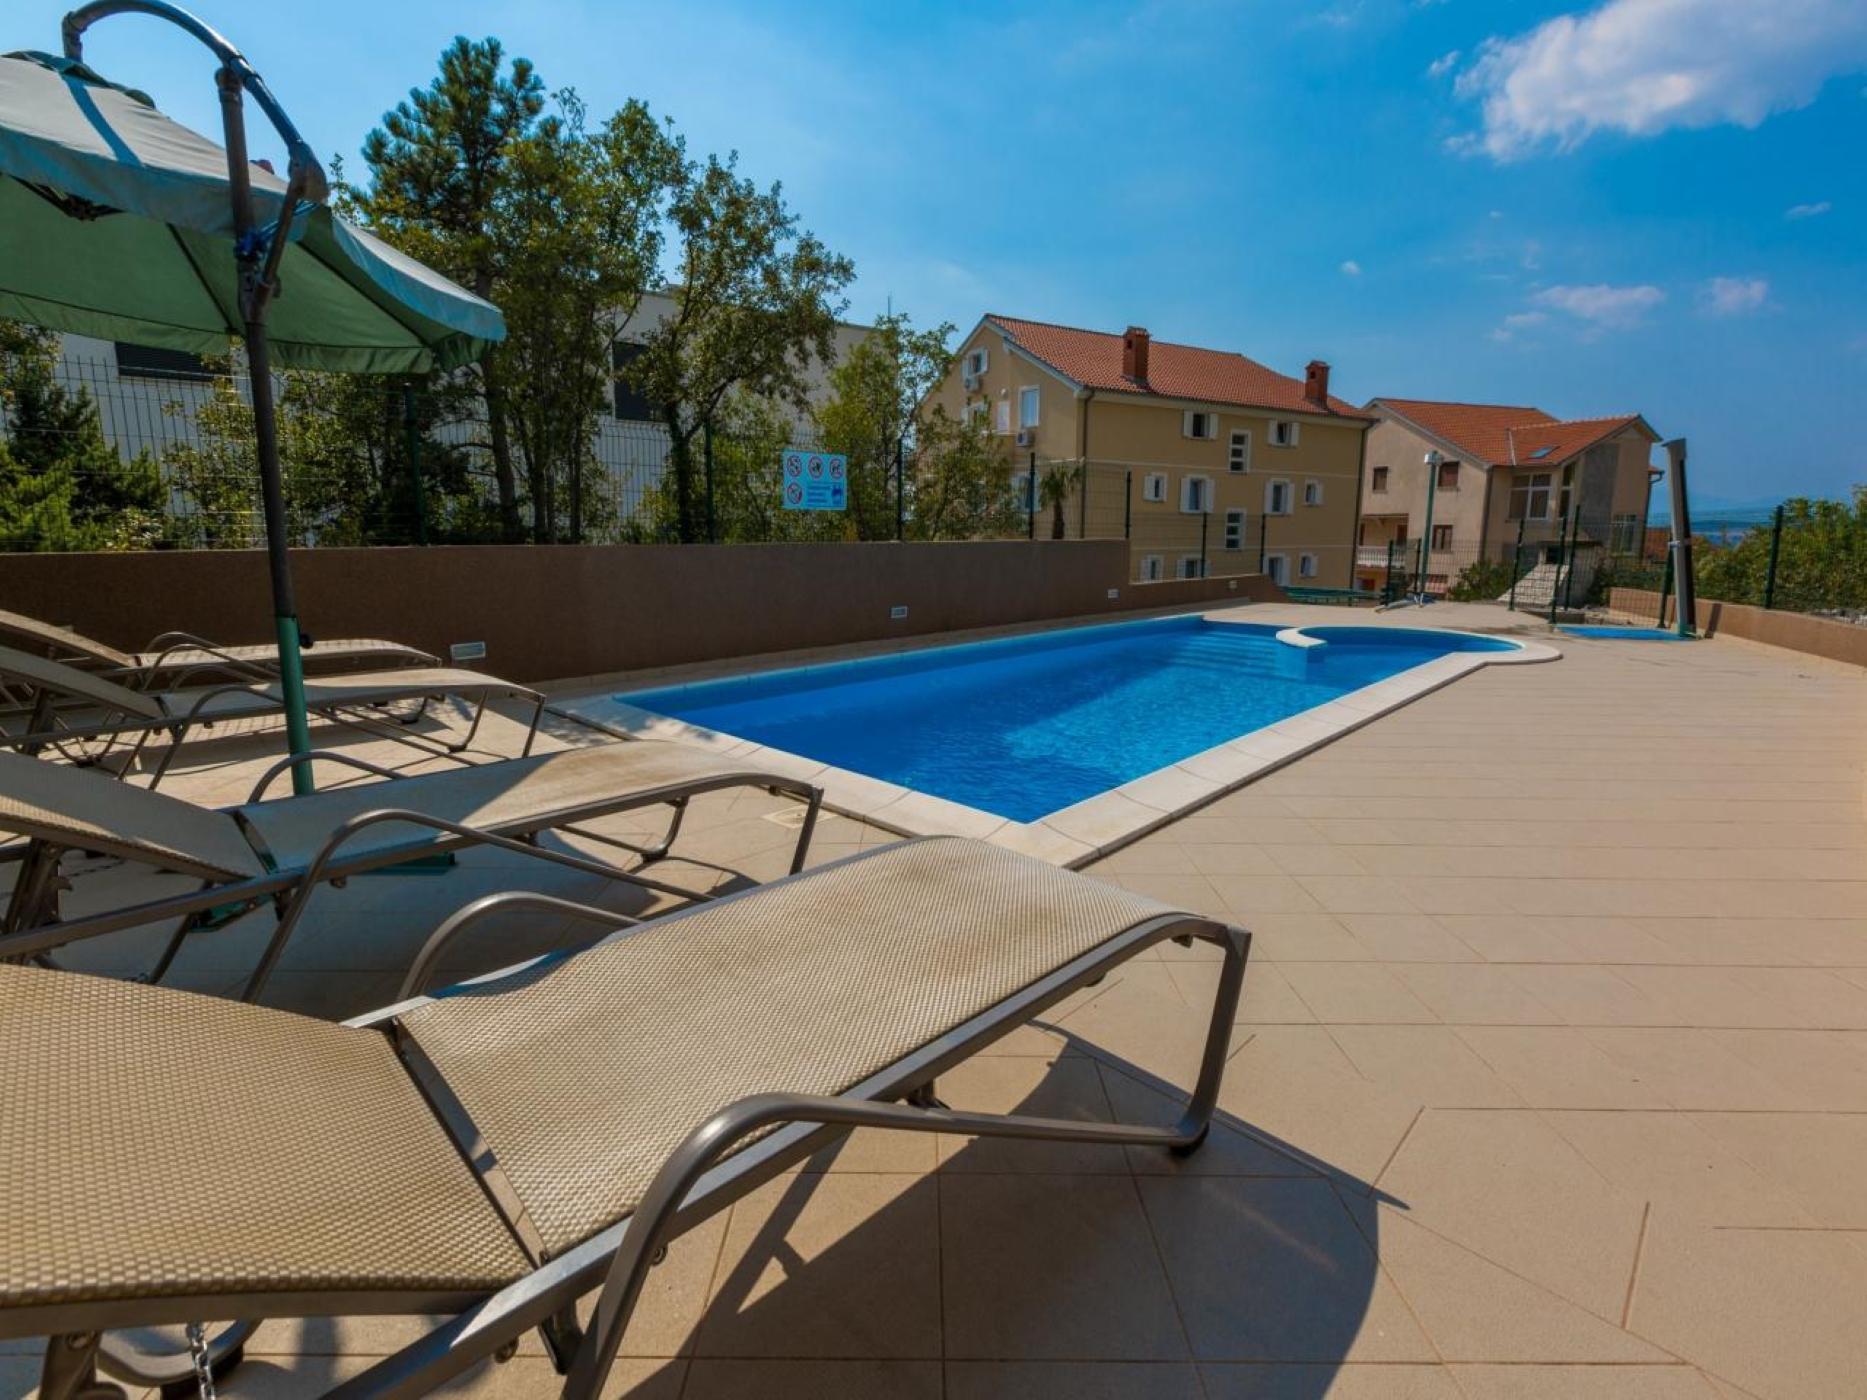 Ferienwohnung für 4 Personen ca 65 m² in Dramalj Kvarner Bucht Crikvenica und Umgebung